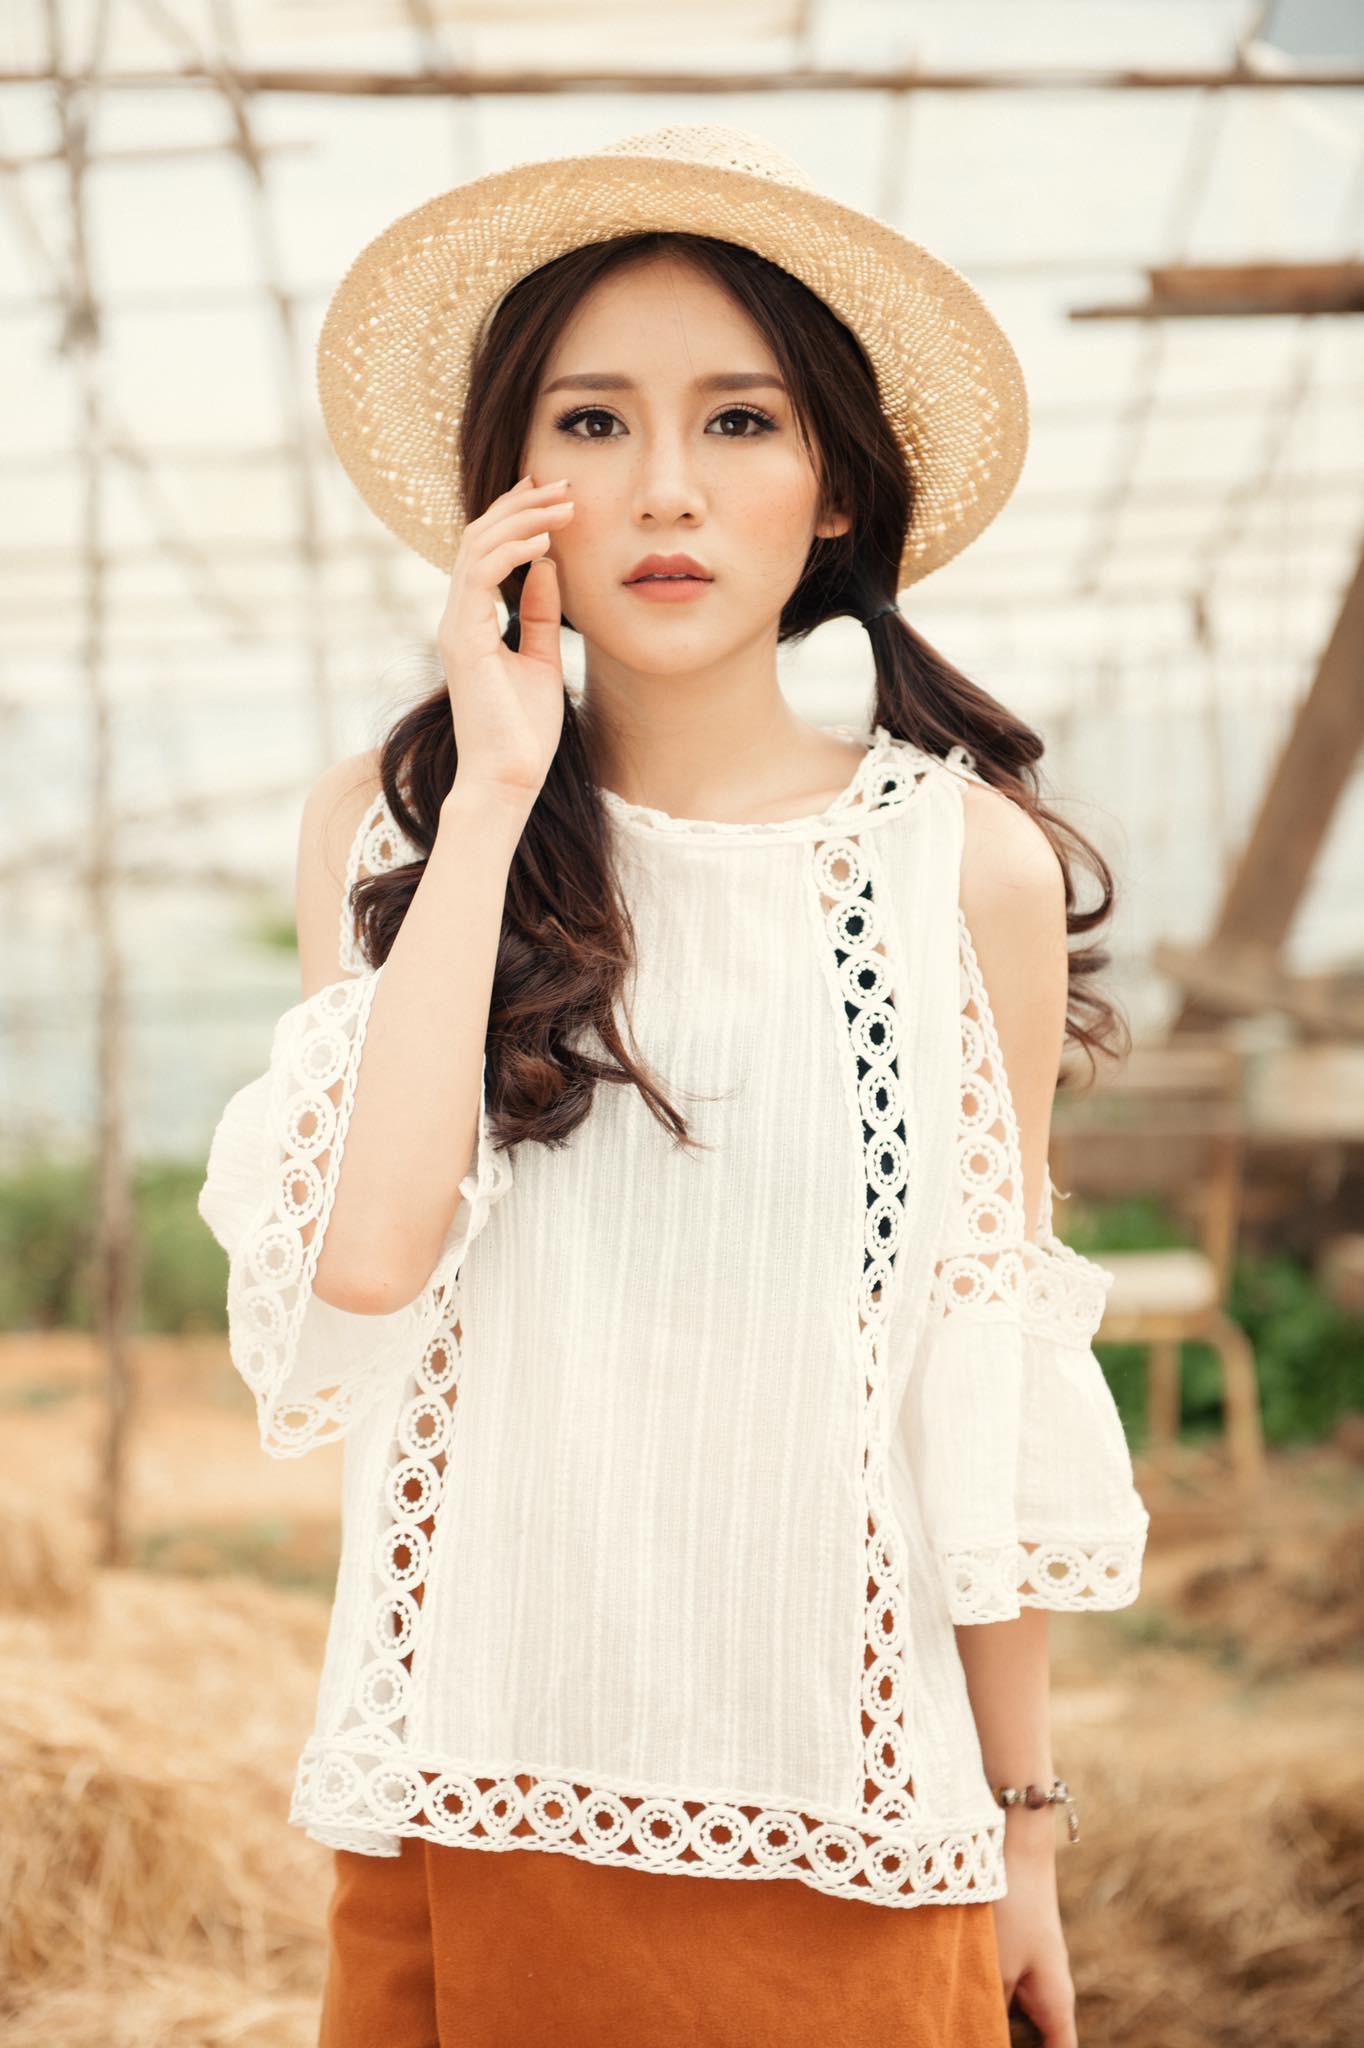 Nhan sắc hiện tại của 3 hot girl Việt từng được mệnh danh cô bé trà sữa - Ảnh 21.